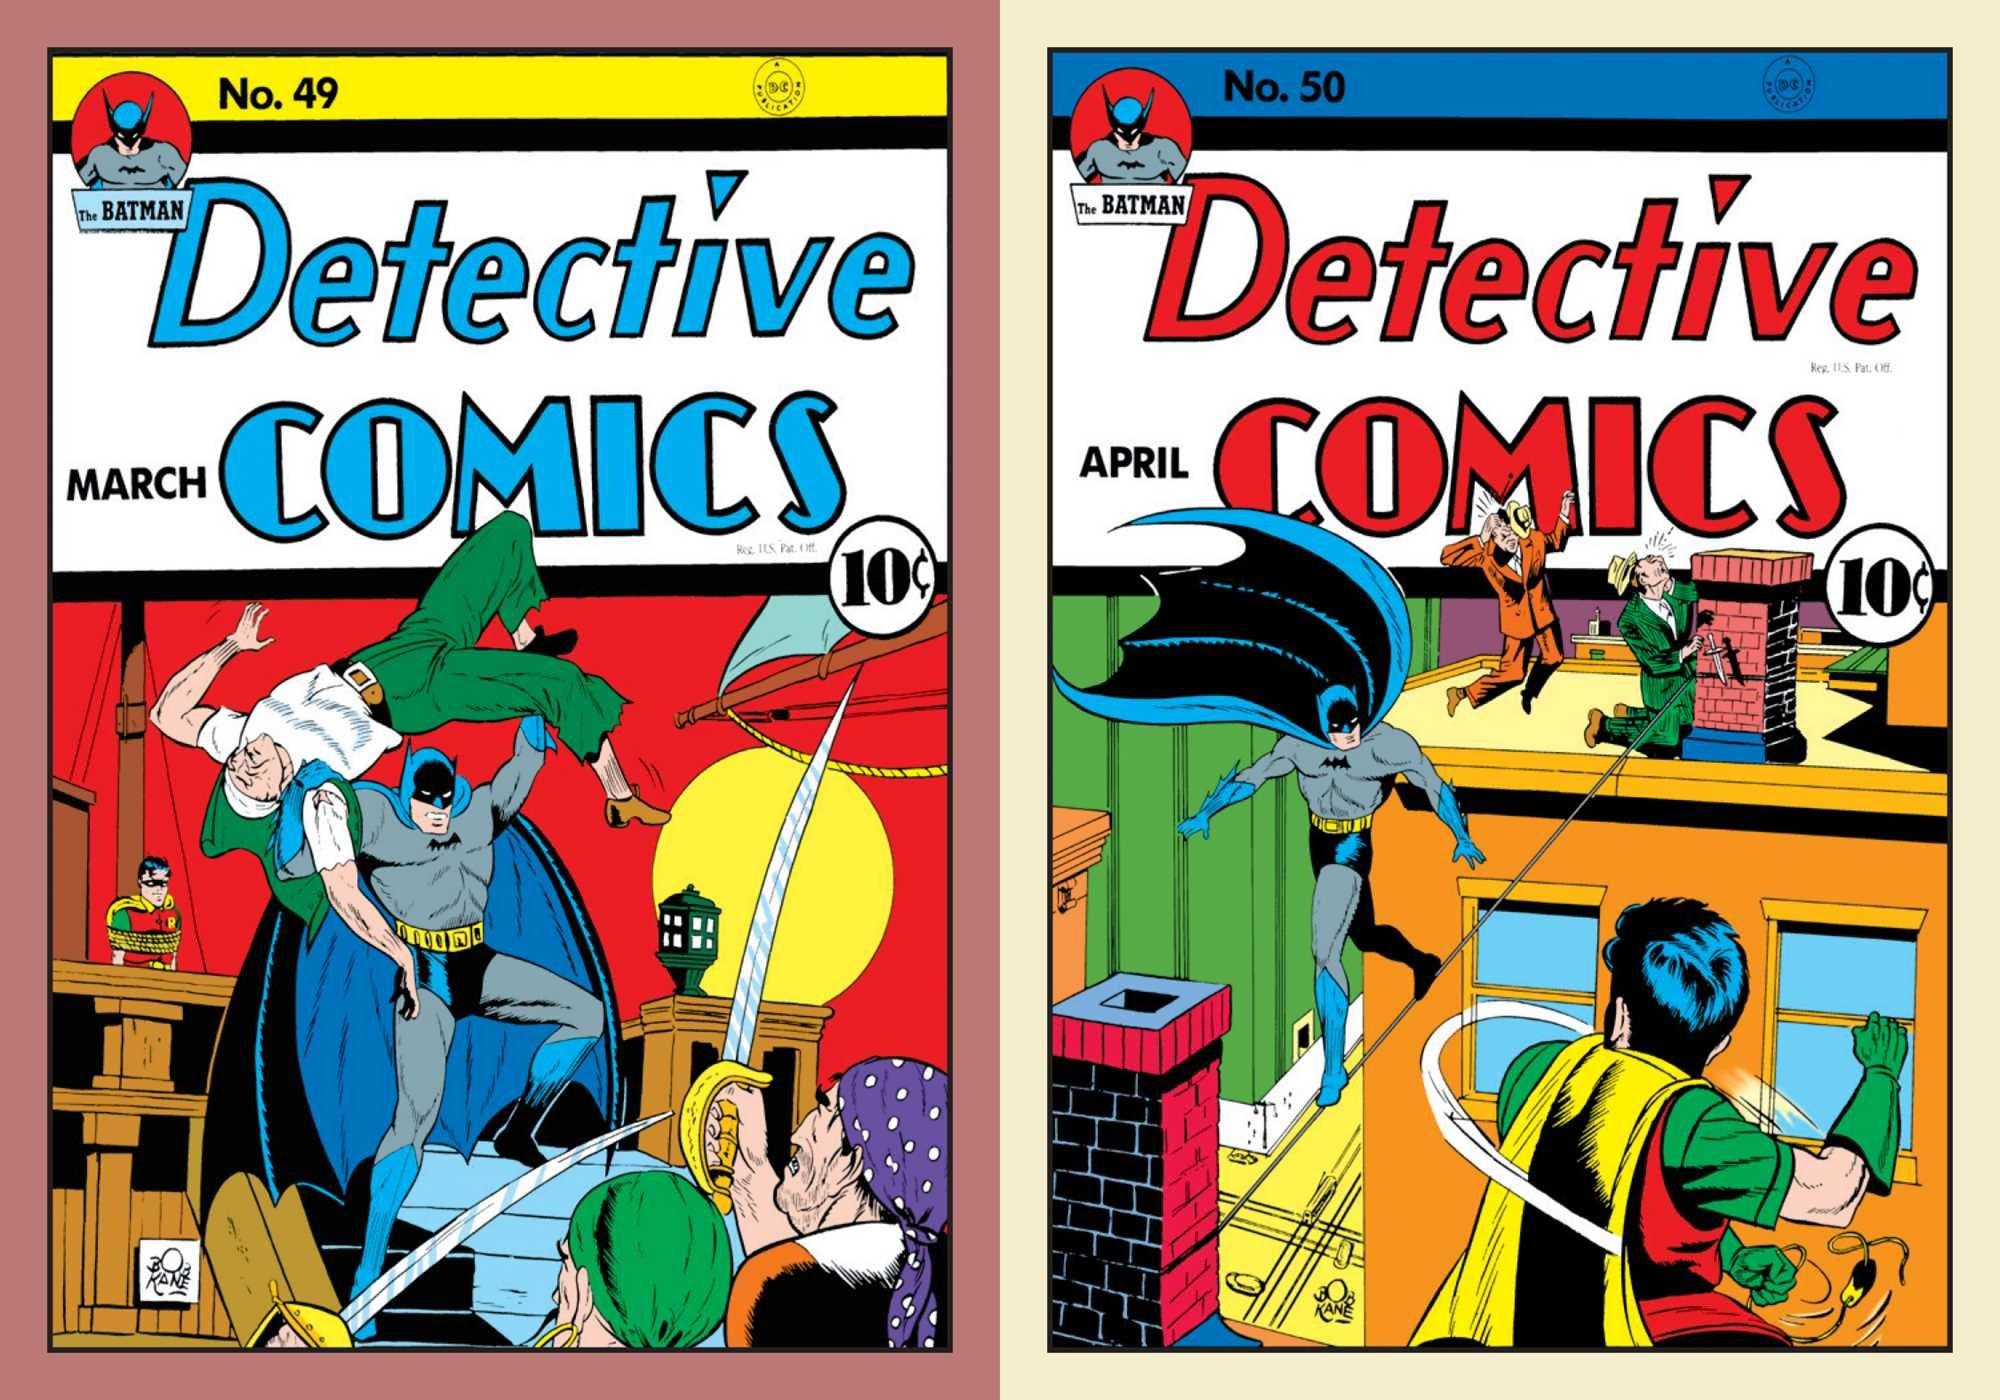 У коллекционера украли комиксов про Бэтмена на 1,4 миллиона долларов